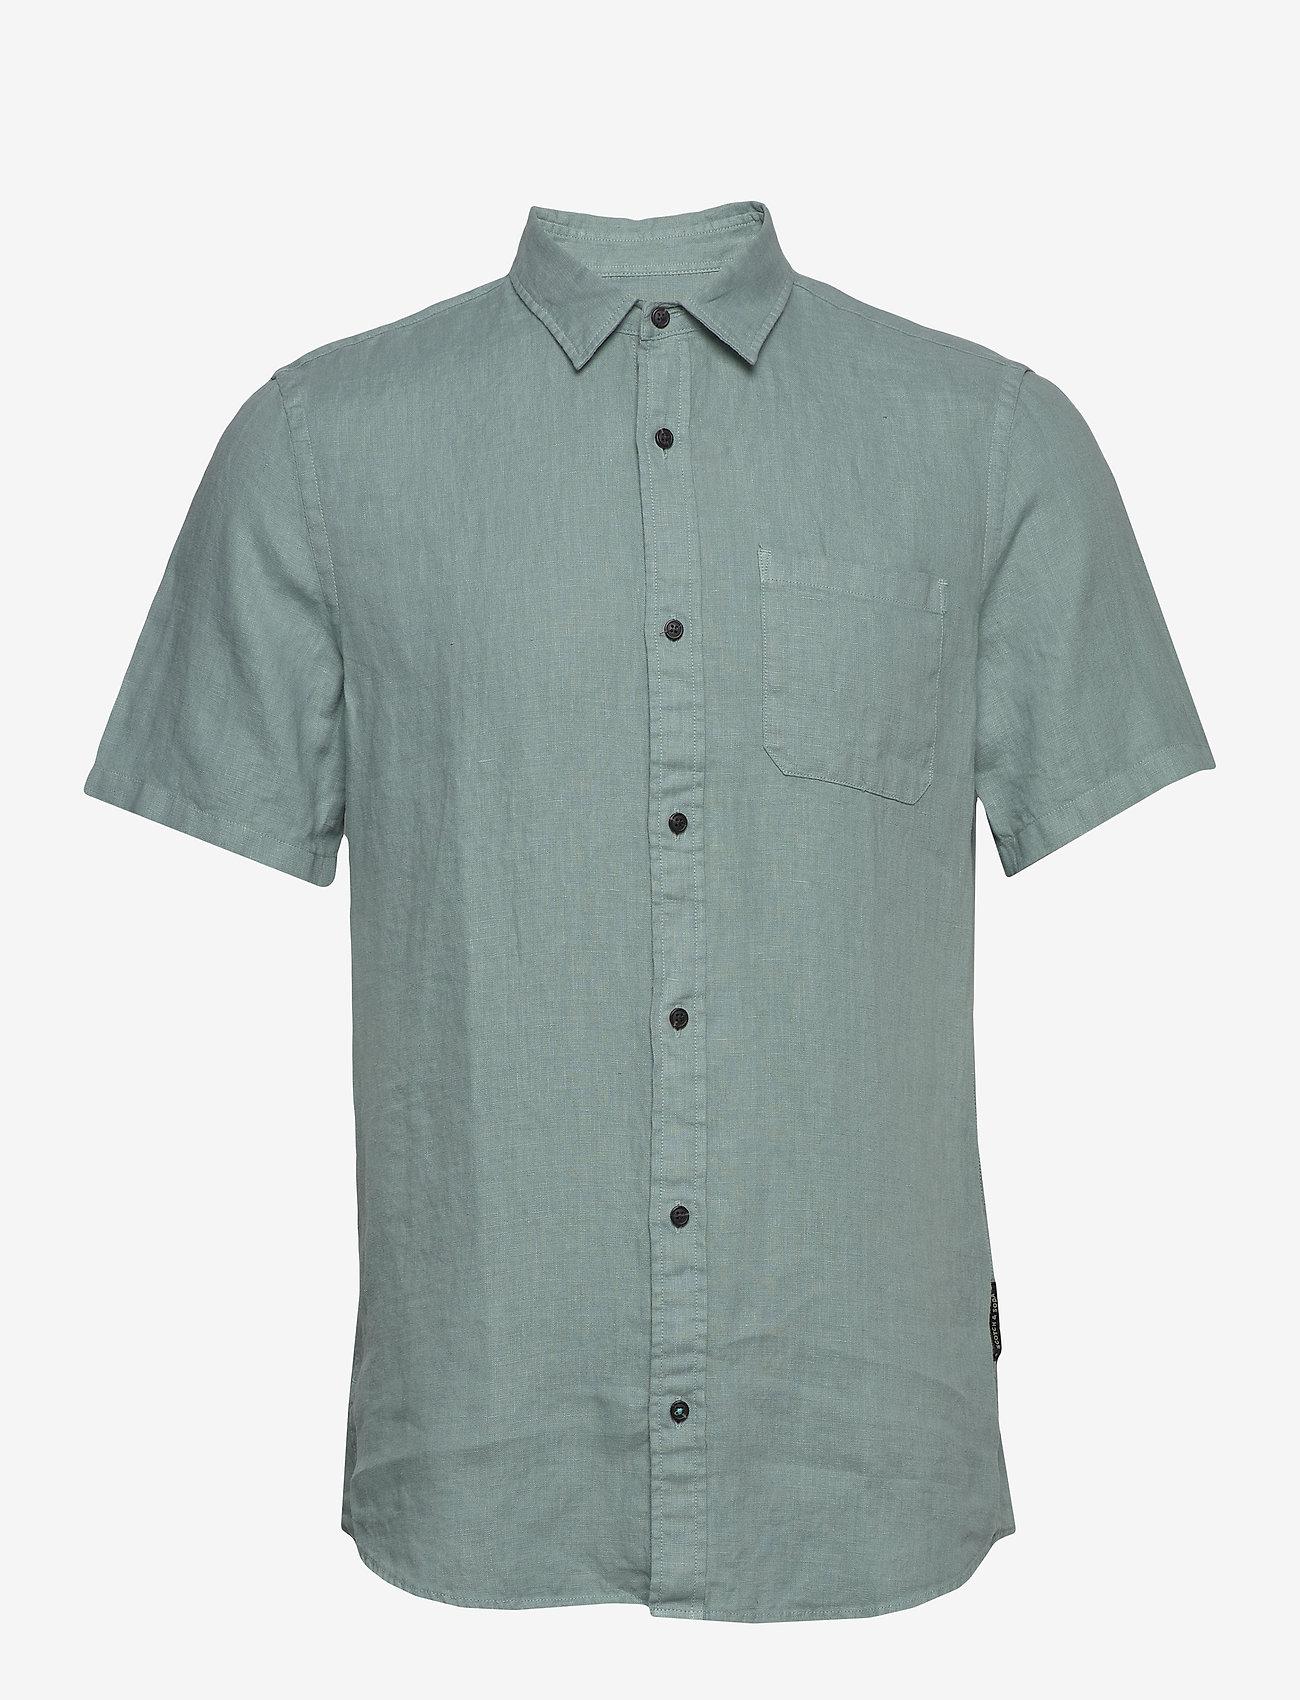 Scotch & Soda - REGULAR FIT- Shortsleeve garment -dyed linen shirt - basic shirts - emerald - 0